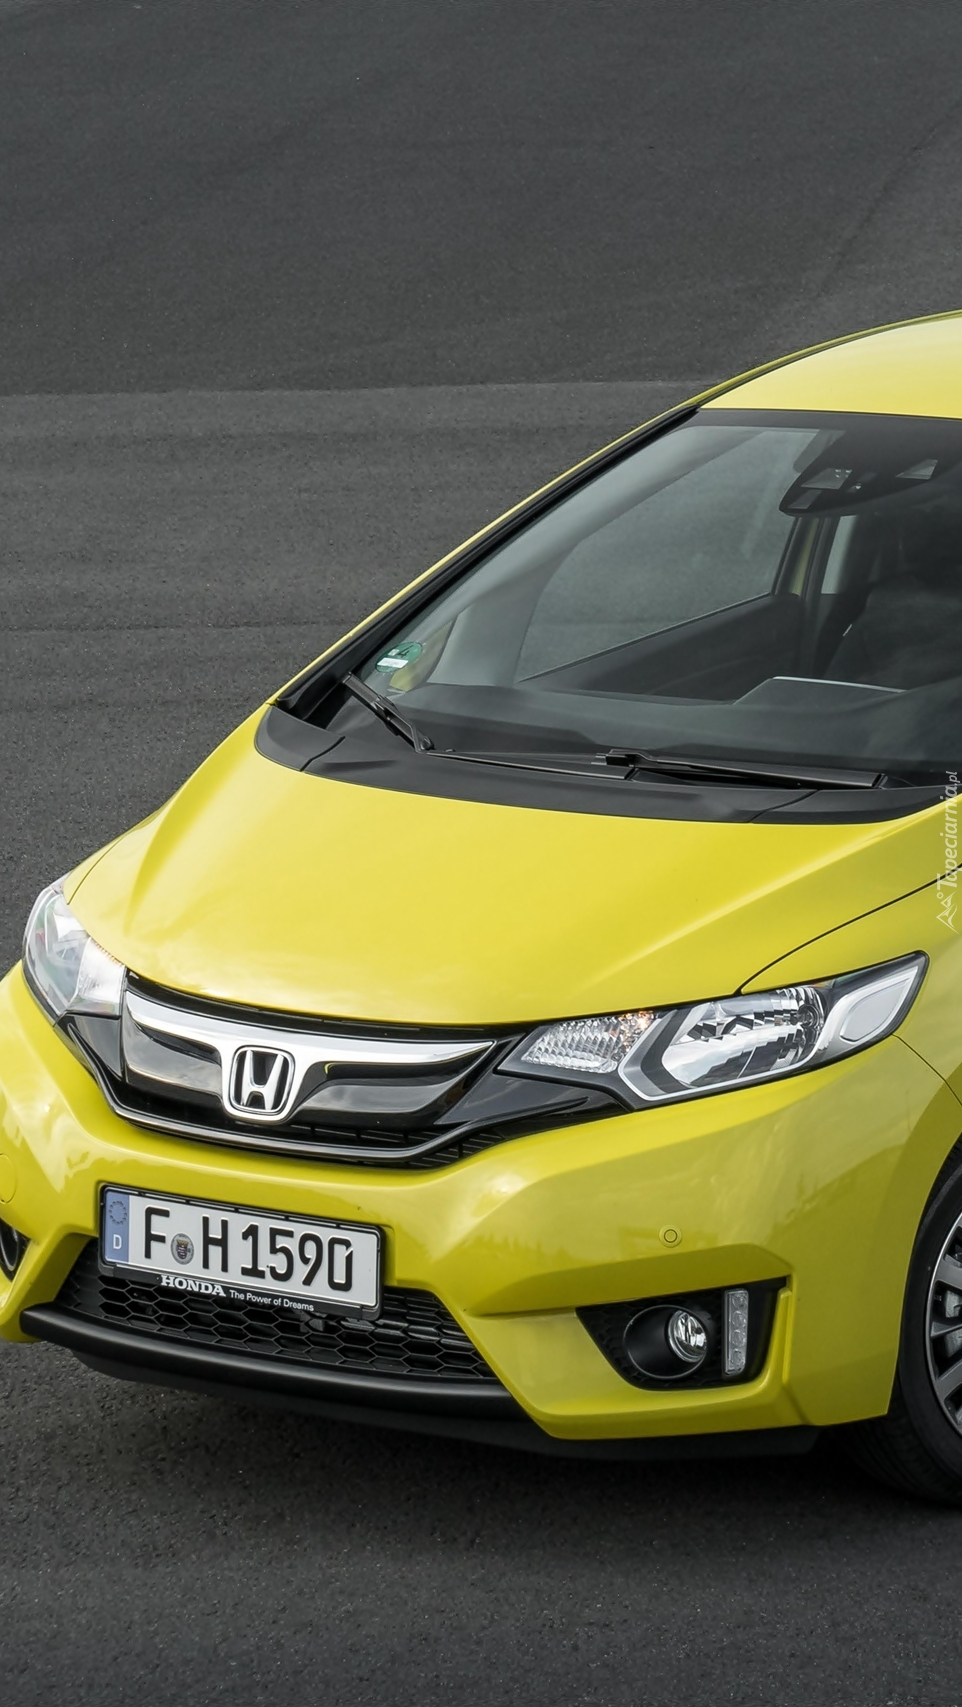 Żółta Honda Jazz